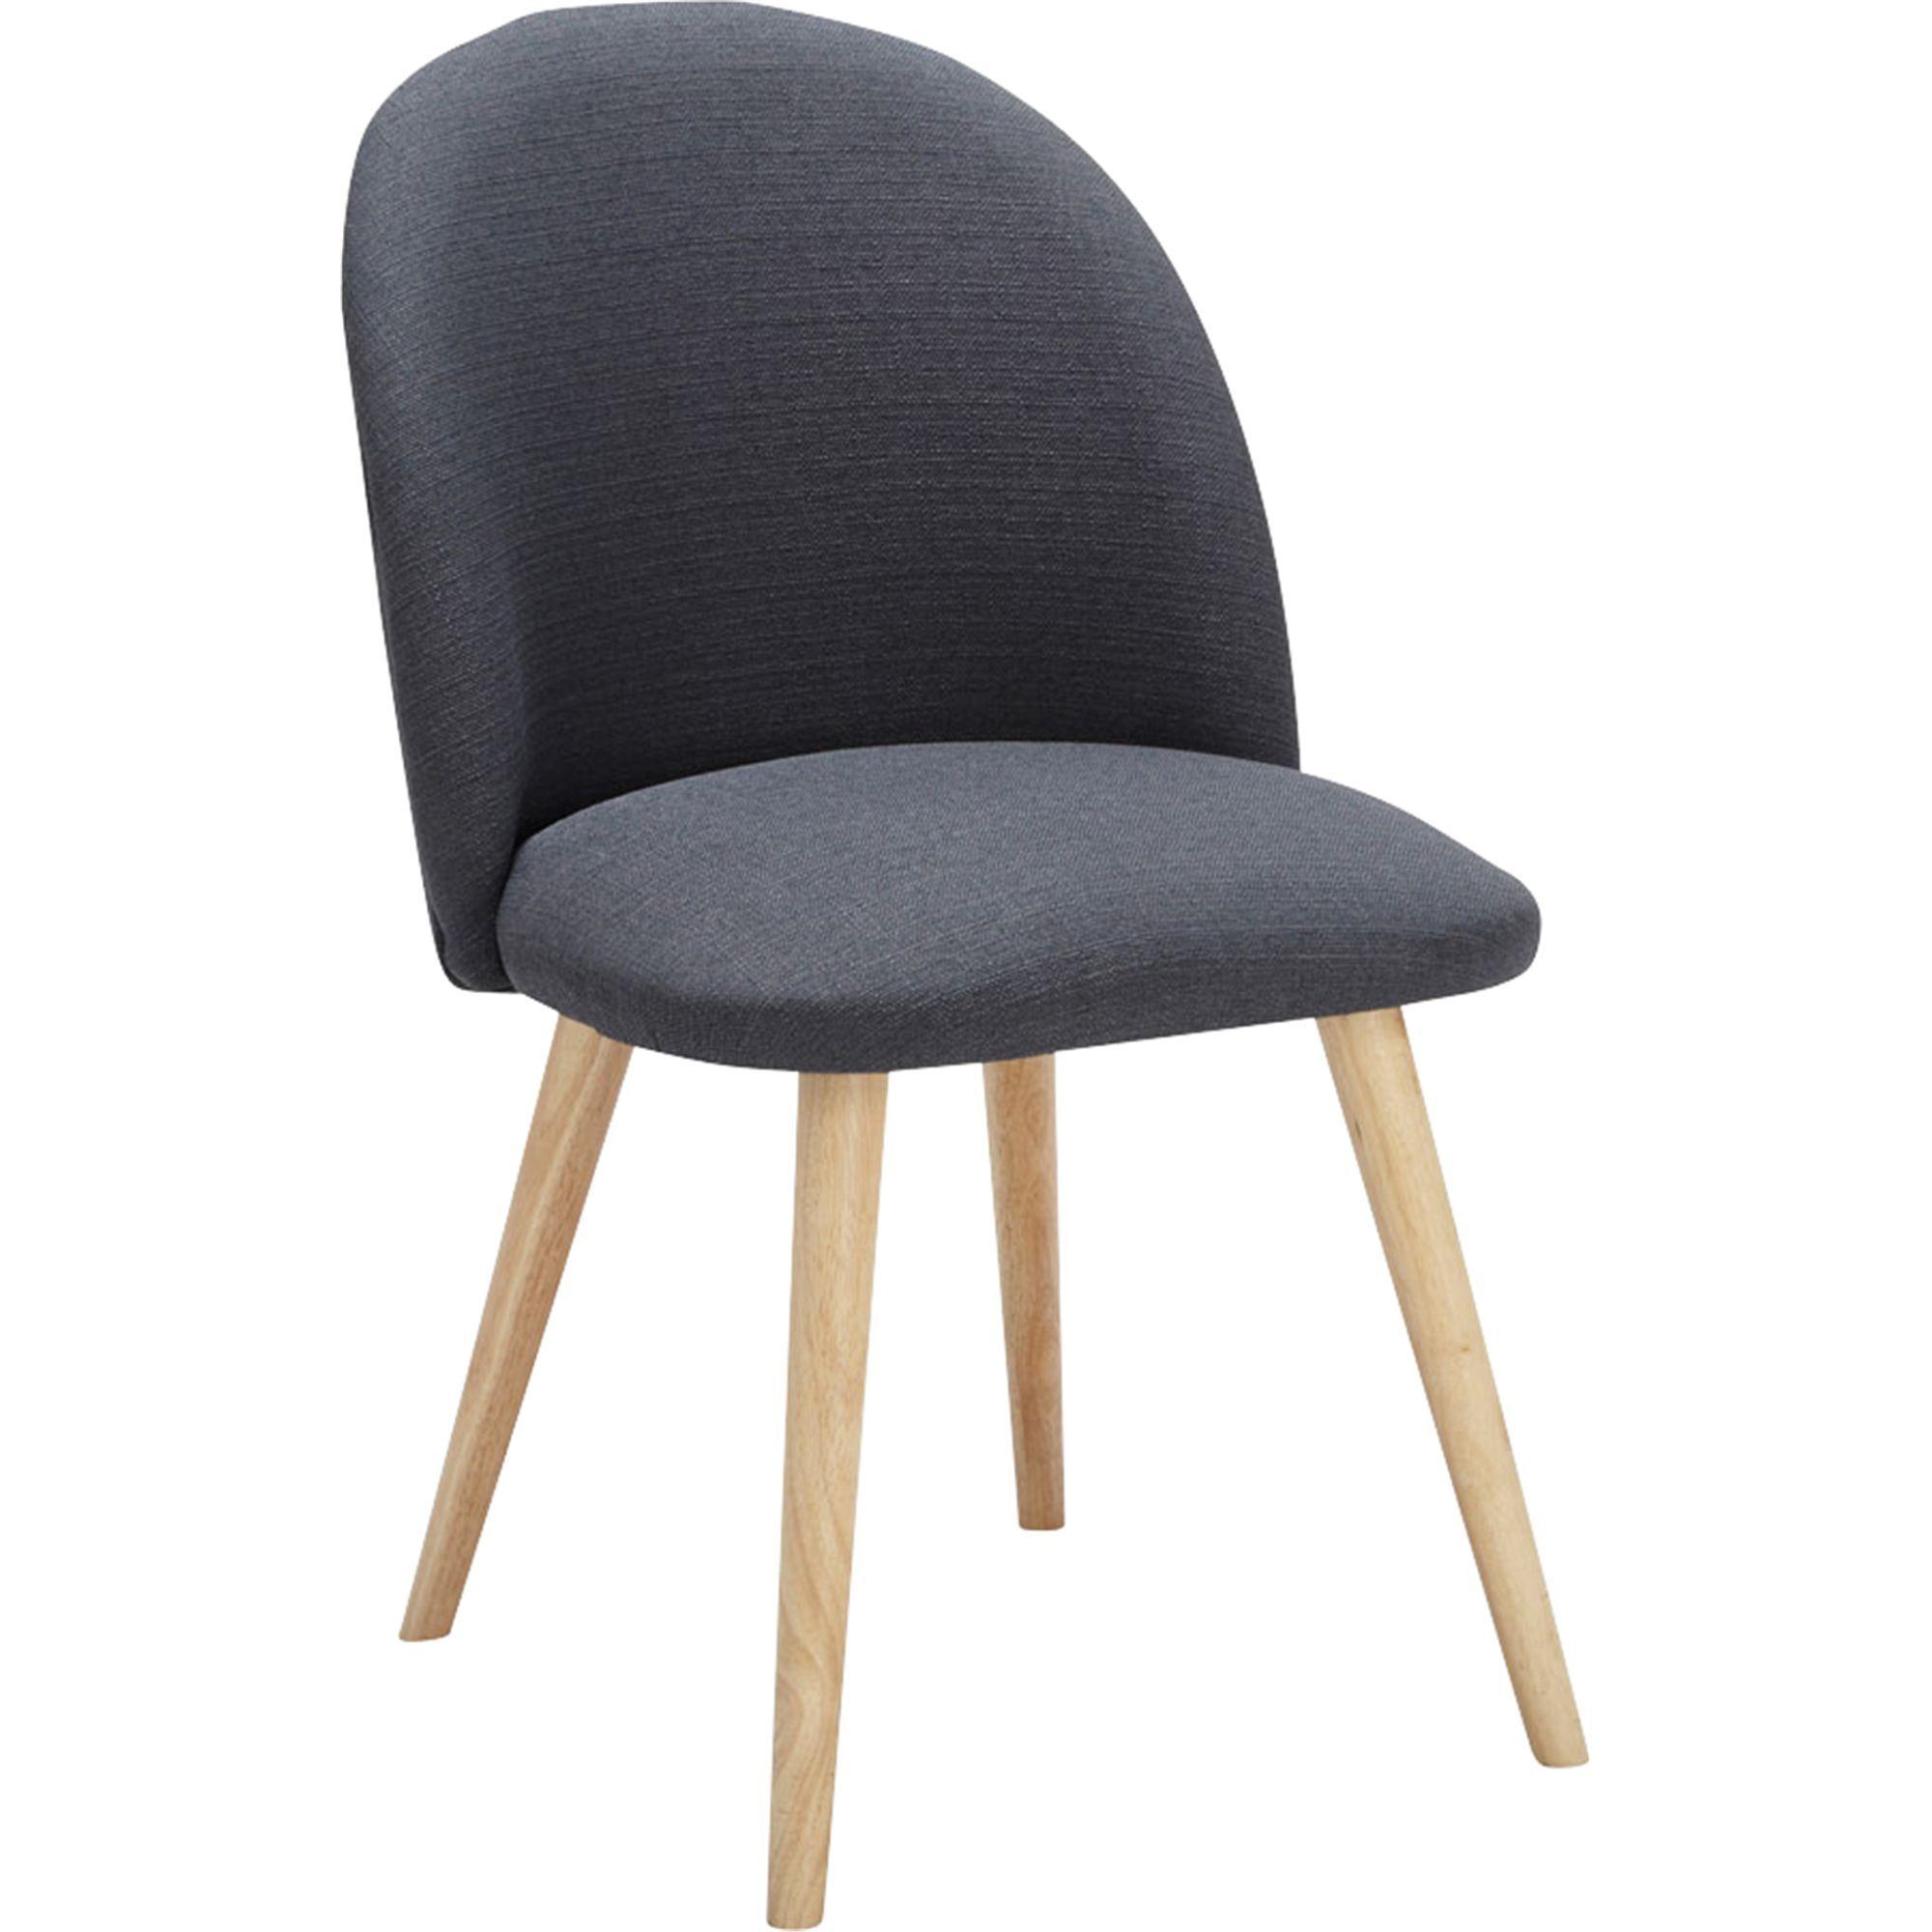 Chaises Alinea Salle A Manger alinea : seraphine chaise rétro en tissu gris foncé